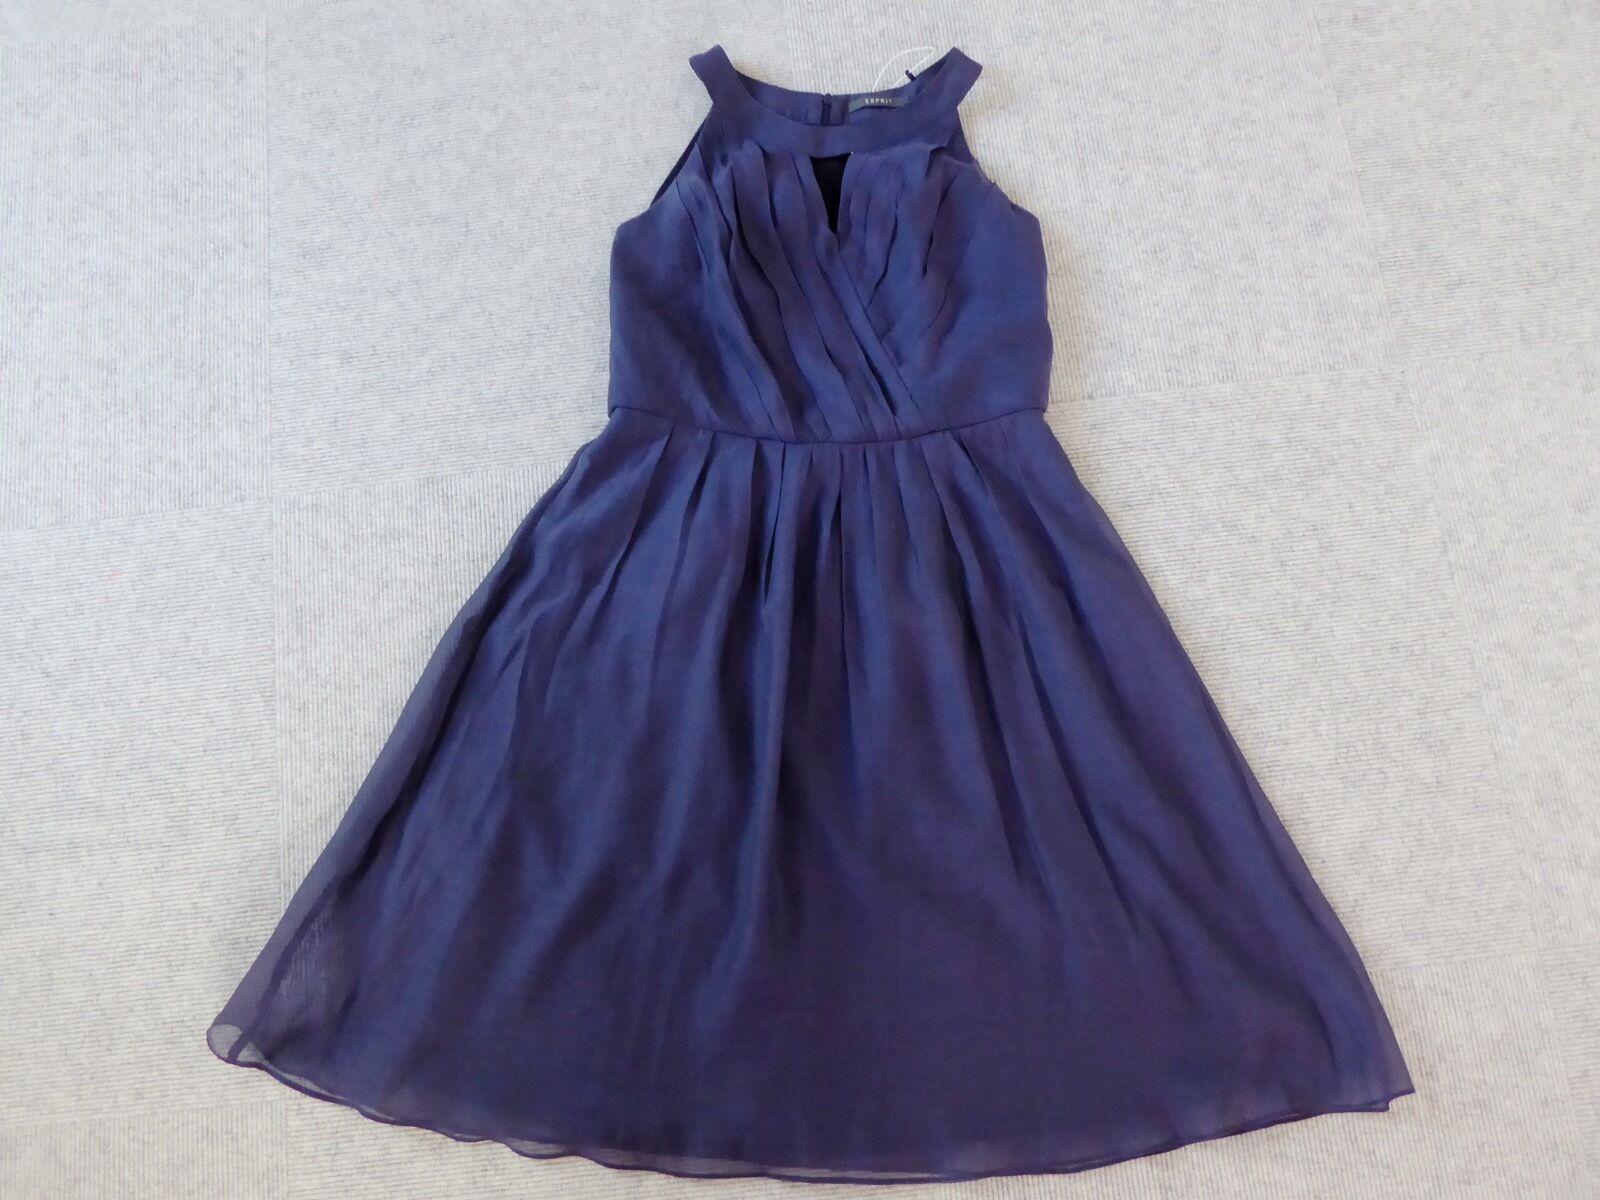 Esprit vestito LUXURY ELEGANTE TG. 40 NUOVO NUOVO NUOVO da9e3d